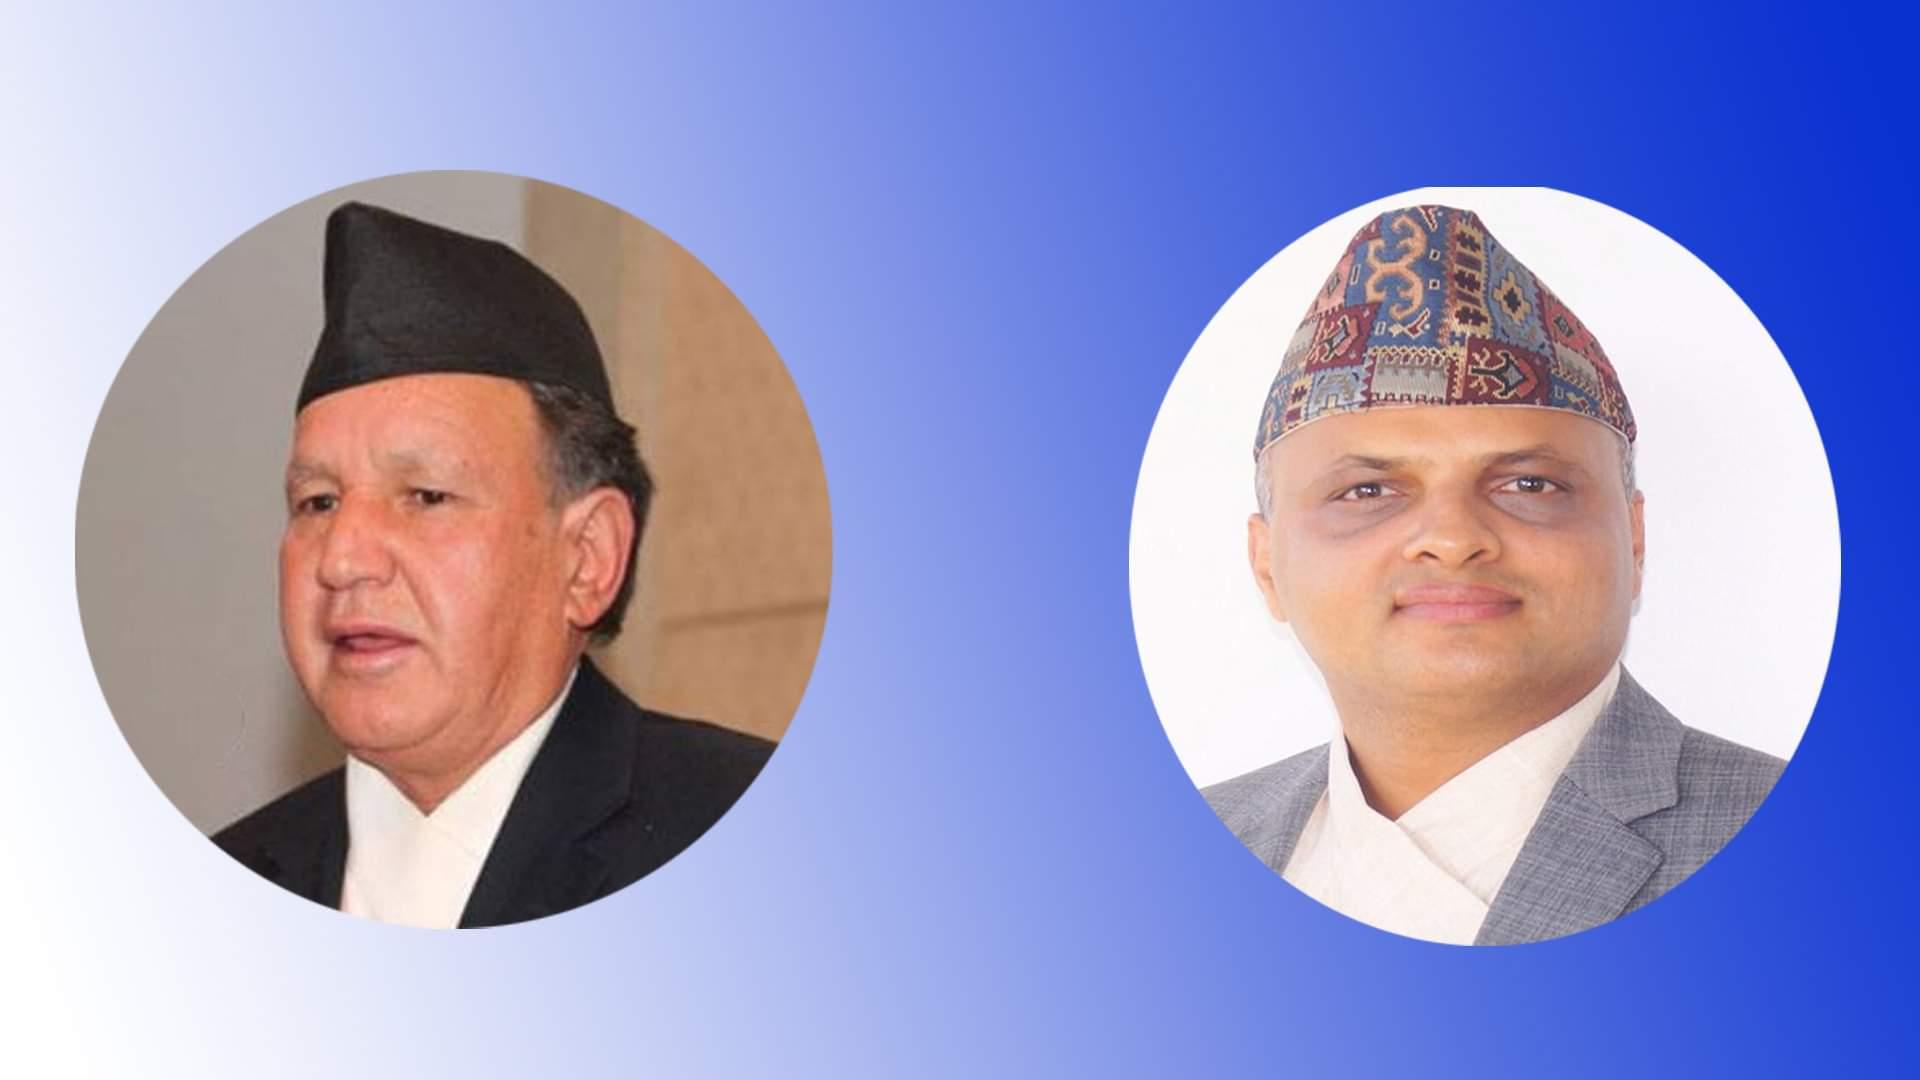 चुनाव धकेल्न एनआरएनएलाई परराष्ट्रको पुन: दबाबमुलुक पत्र